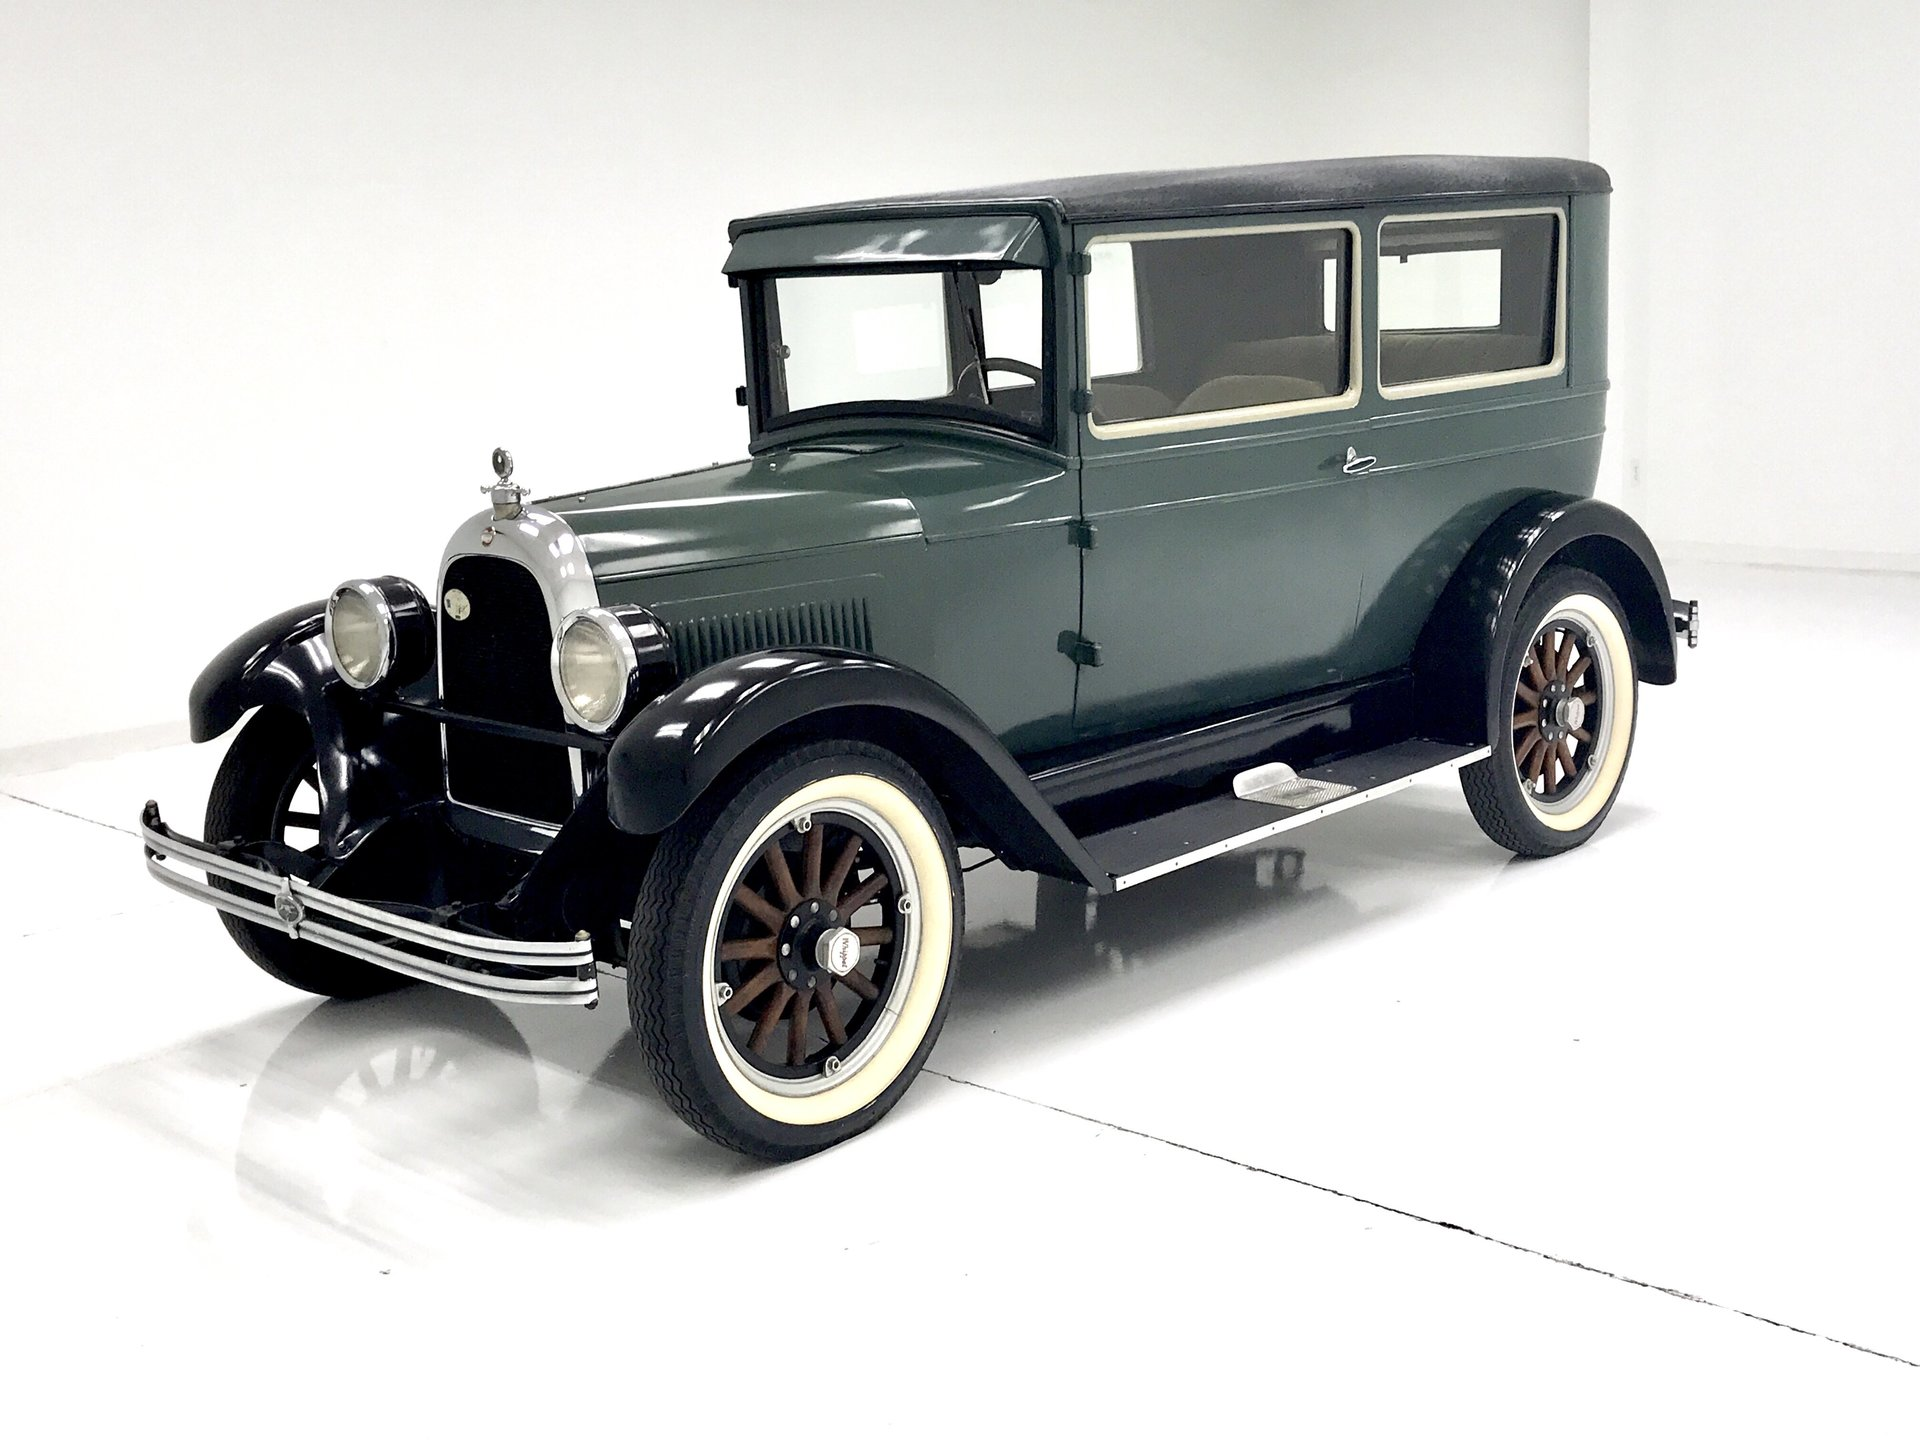 1928 Whippet 2 DR Sedan